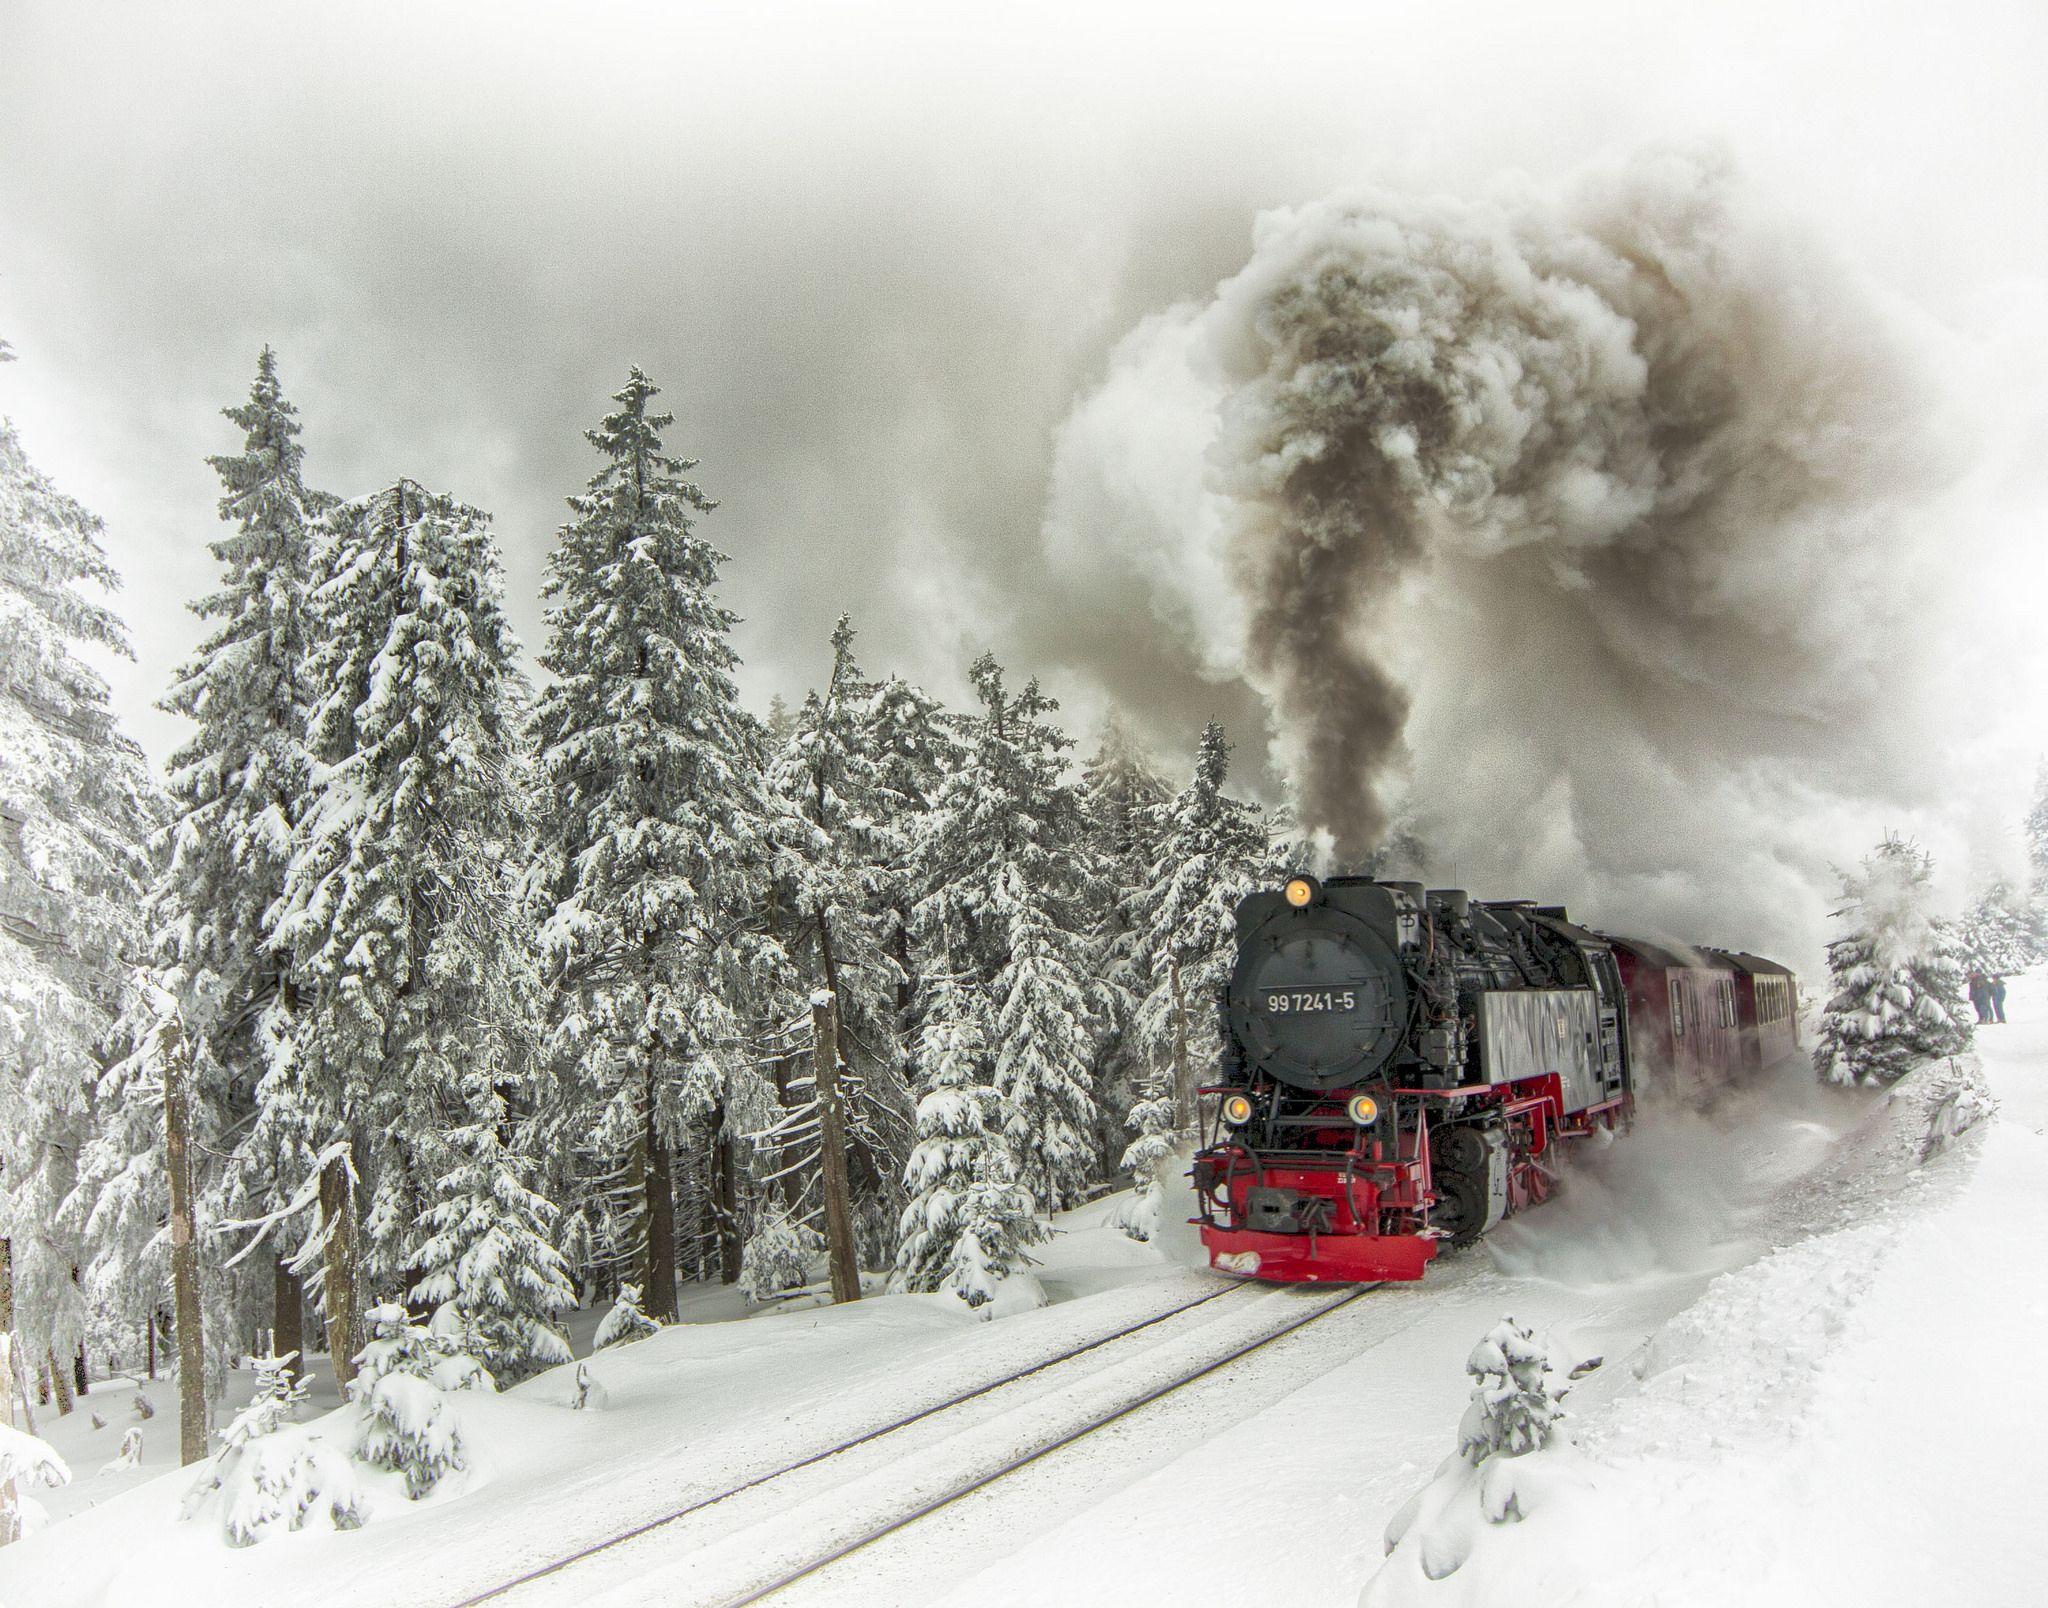 https://flic.kr/p/dSv6Ba | Tren vapor del Harz | El Harzer Schmalspurbahnen tiene rrieles que se extienden por 130 km y se extiende desde Drei Annen Hohne hasta la cuspide de Brocken, entro en servicio el 27 de Marzo de 1899 y tambien tiene una via alterna de 19 km. La popularidad de la via continuo por muchas decadas hasta que la via de Schierke fue cerrada a los turistas el 13 de Agosto de1961, debido a las ordenes de las zonas restringidas impuestas por los Rusos y el gobierno de…